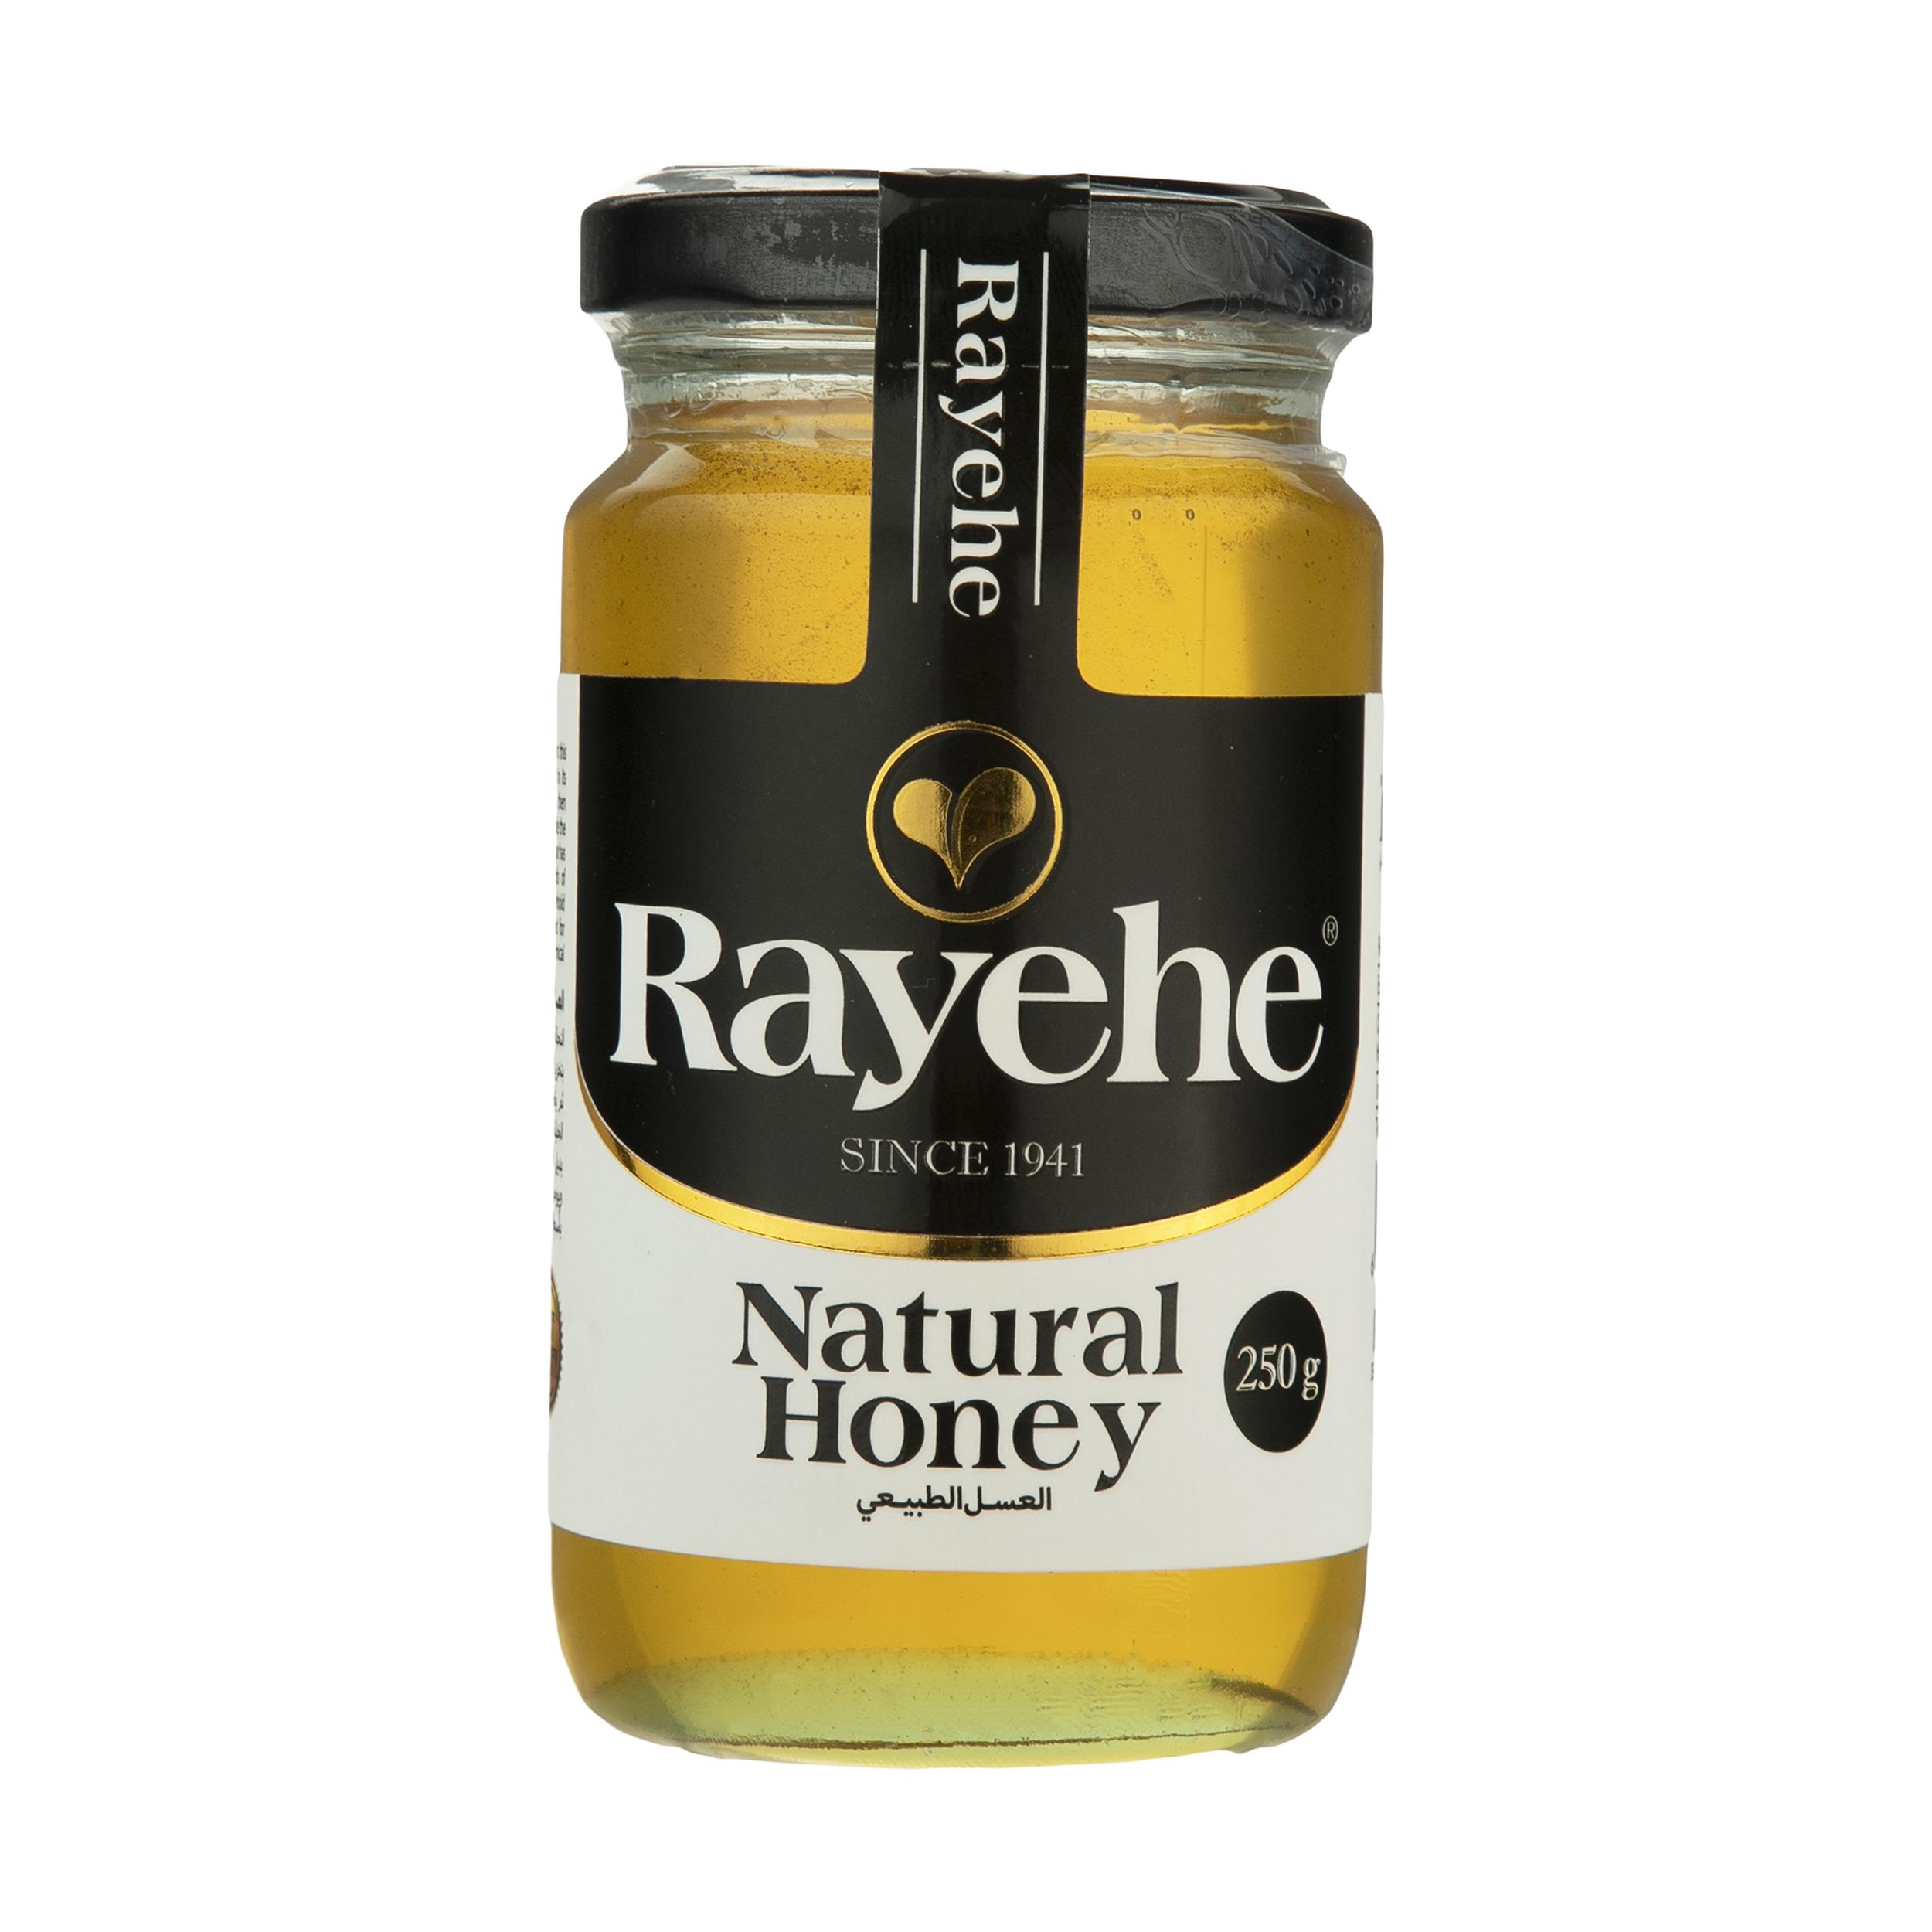 عسل طبیعی رایحه خوانسار - 250 گرم